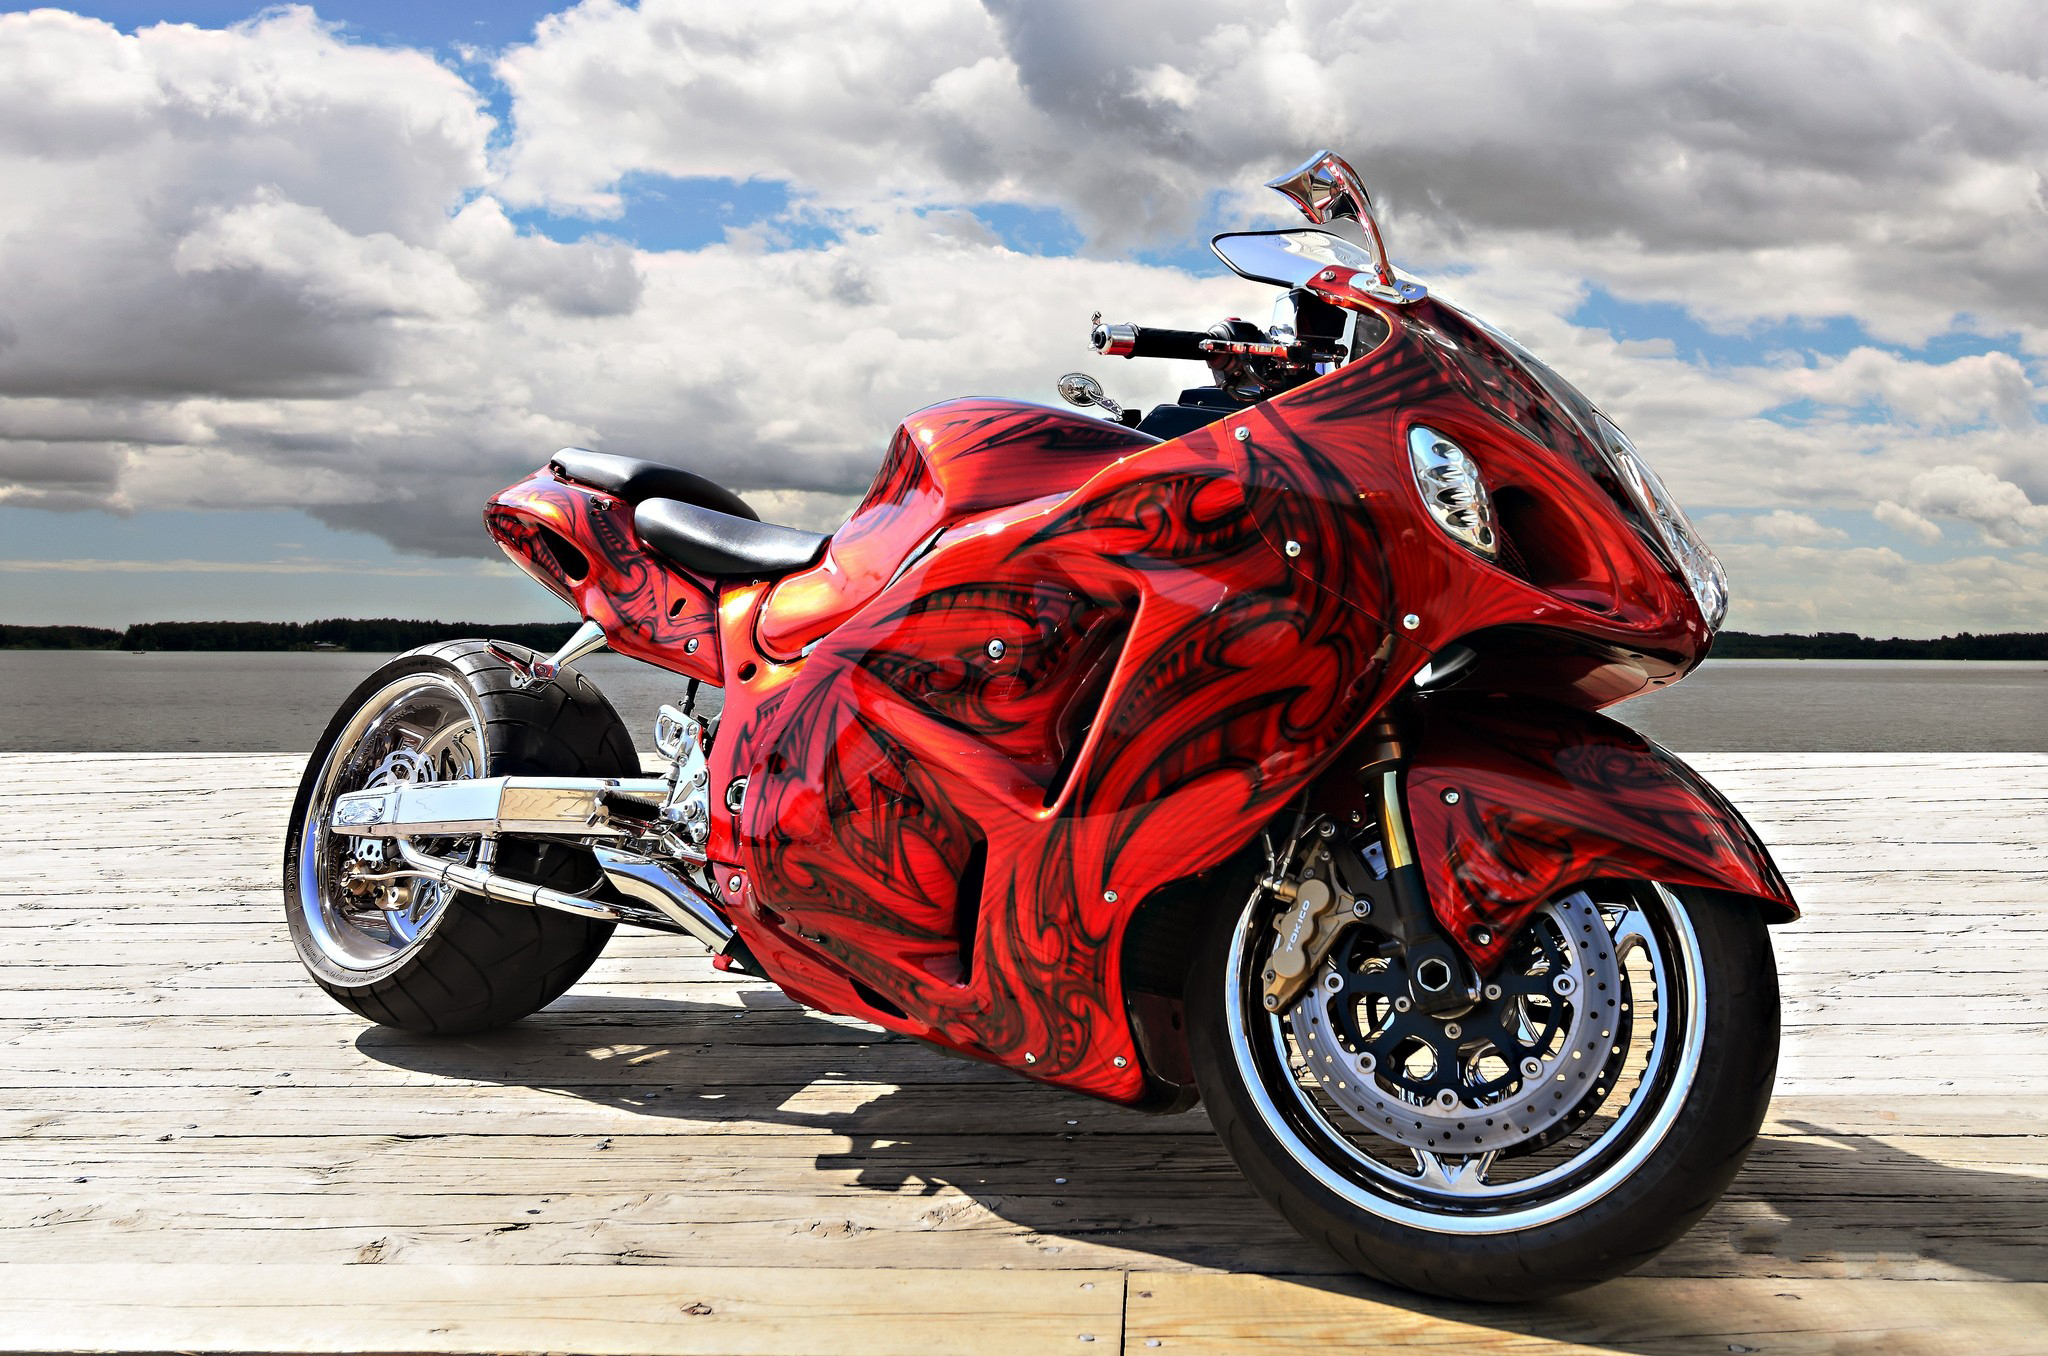 Moto, Vectrix скачать